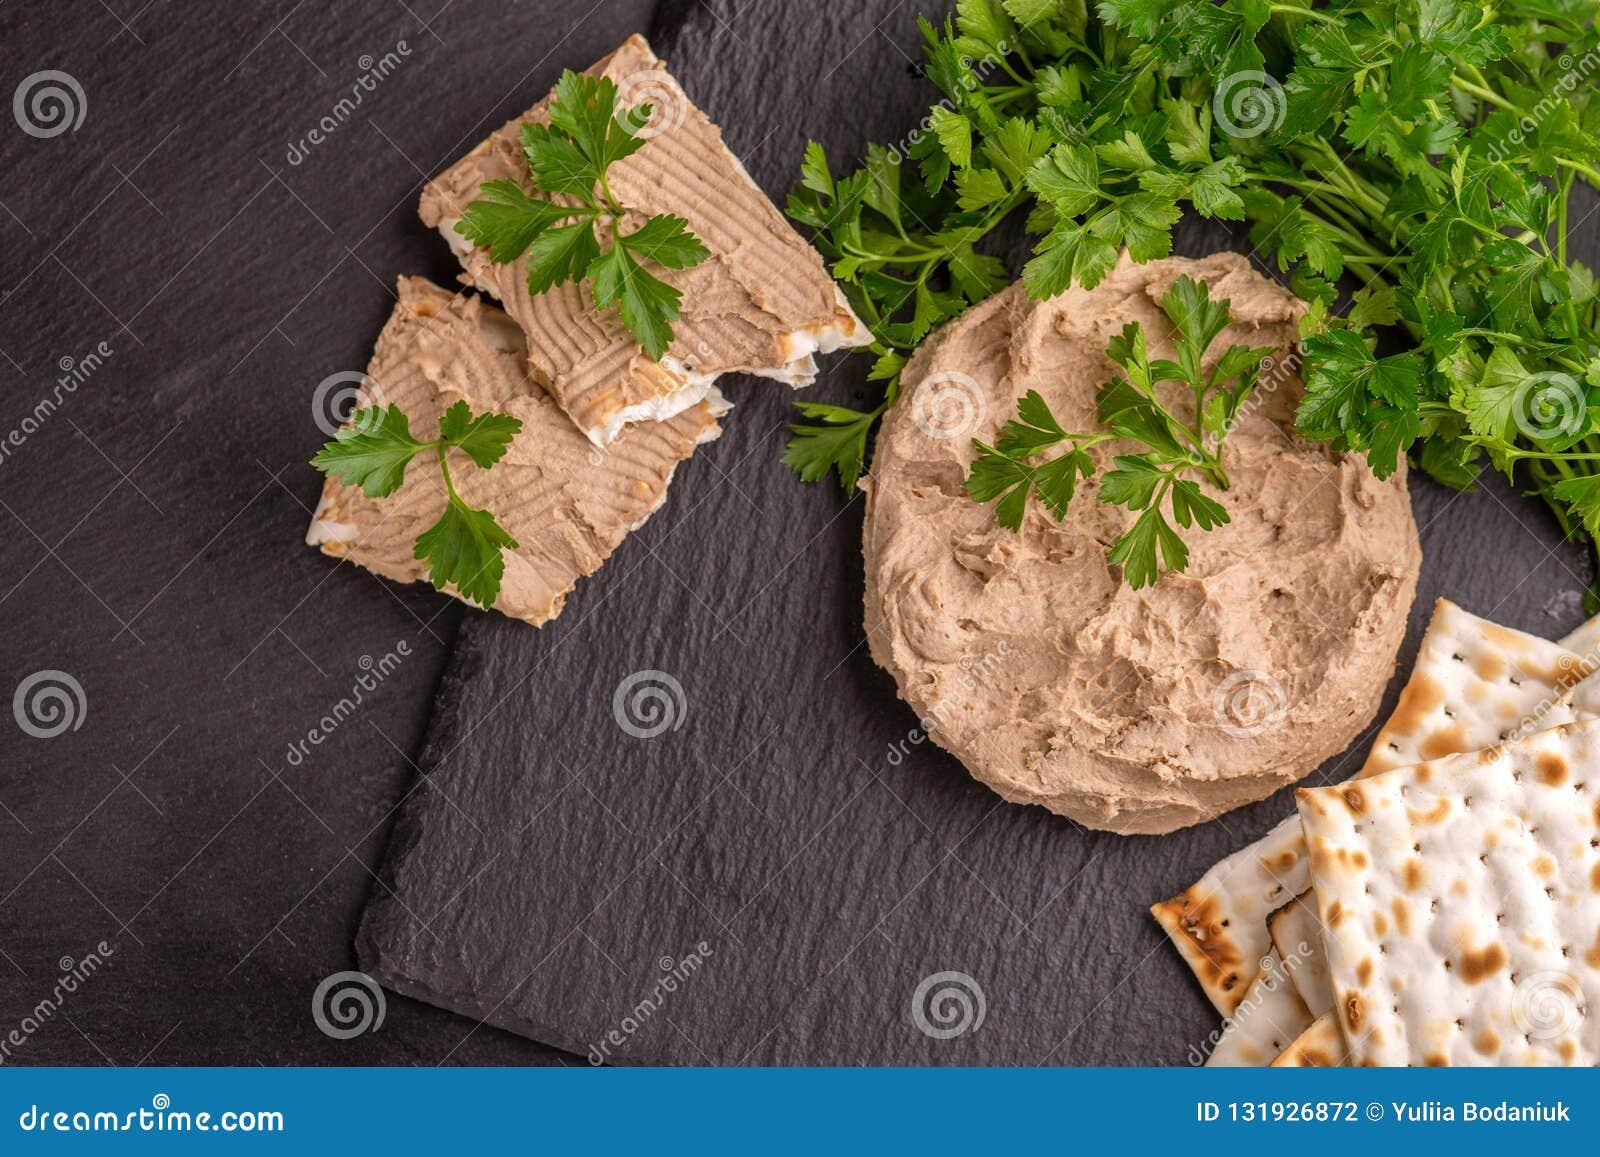 Pate De Foie Fait Maison De Poulet Avec Du Pain Azyme Et Le Persil Photo Stock Image Du Poulet Persil 131926872